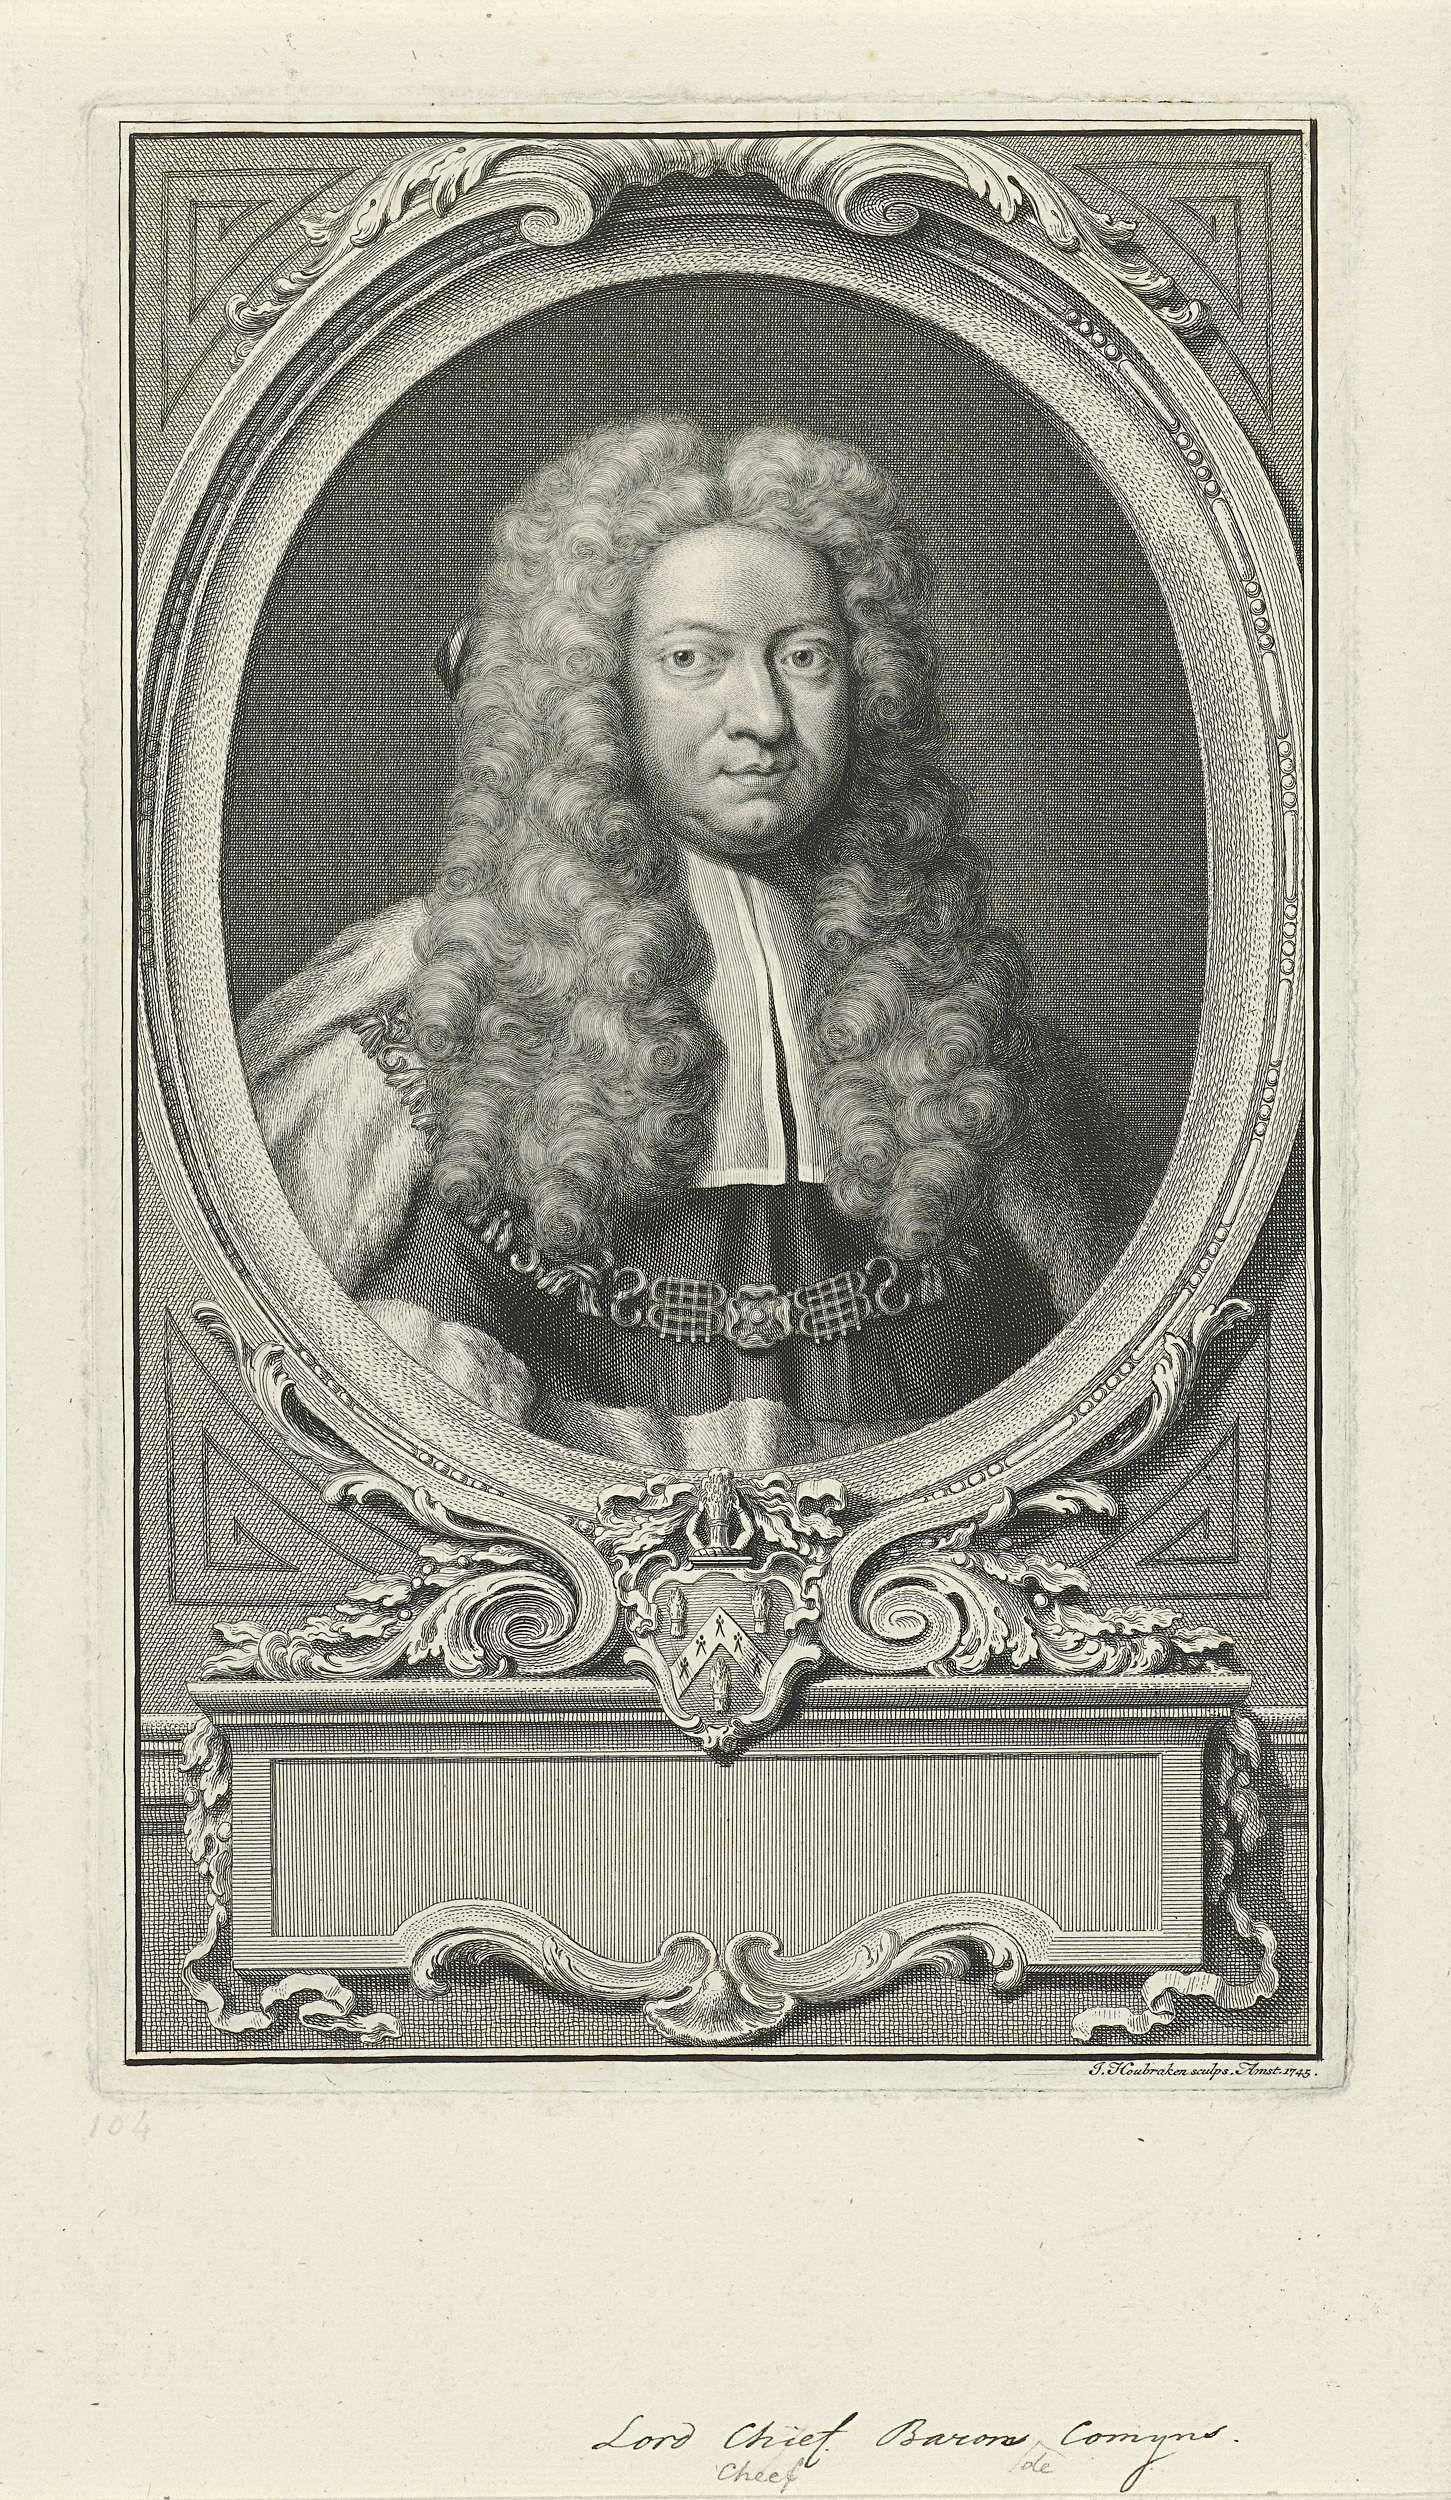 Jacob Houbraken | Portret van Lord Chief Baron Comyn, Jacob Houbraken, 1745 | Buste naar rechts van Lord Chief Baron Comyn in een ovaal. Onder het portret een ornamenteel cartouche en zijn wapen. De titel is handgeschreven.